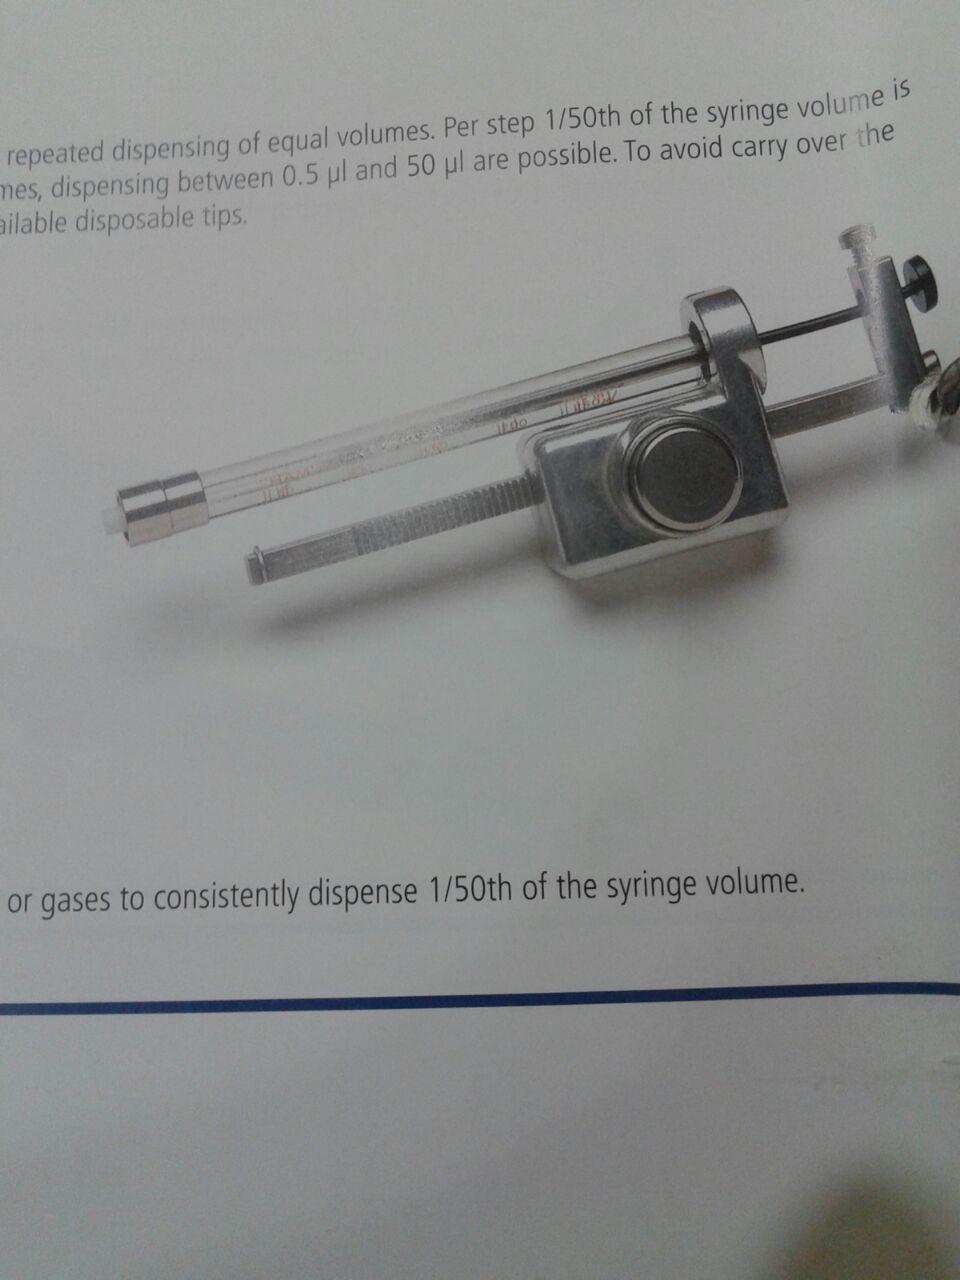 فروش تجهیزات آزمایشگاهی.سرنگ هامیلتون